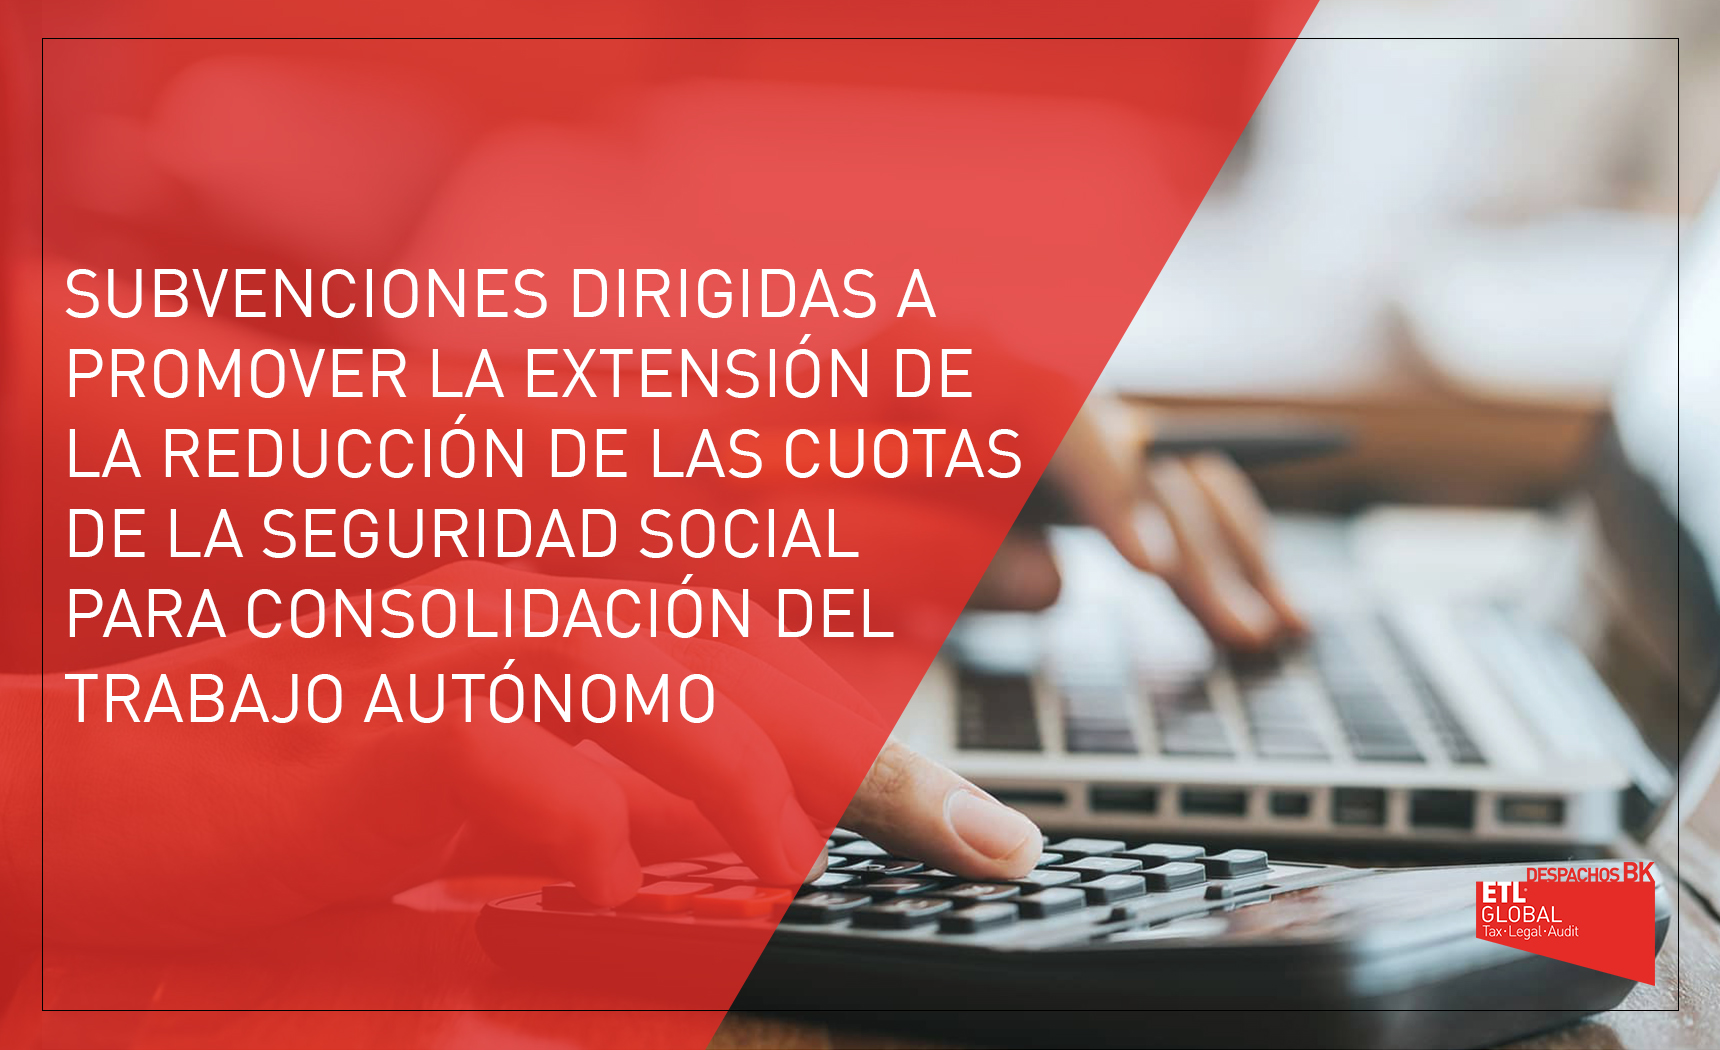 subvenciones cuotas seguridad social autónomos Castilla y León